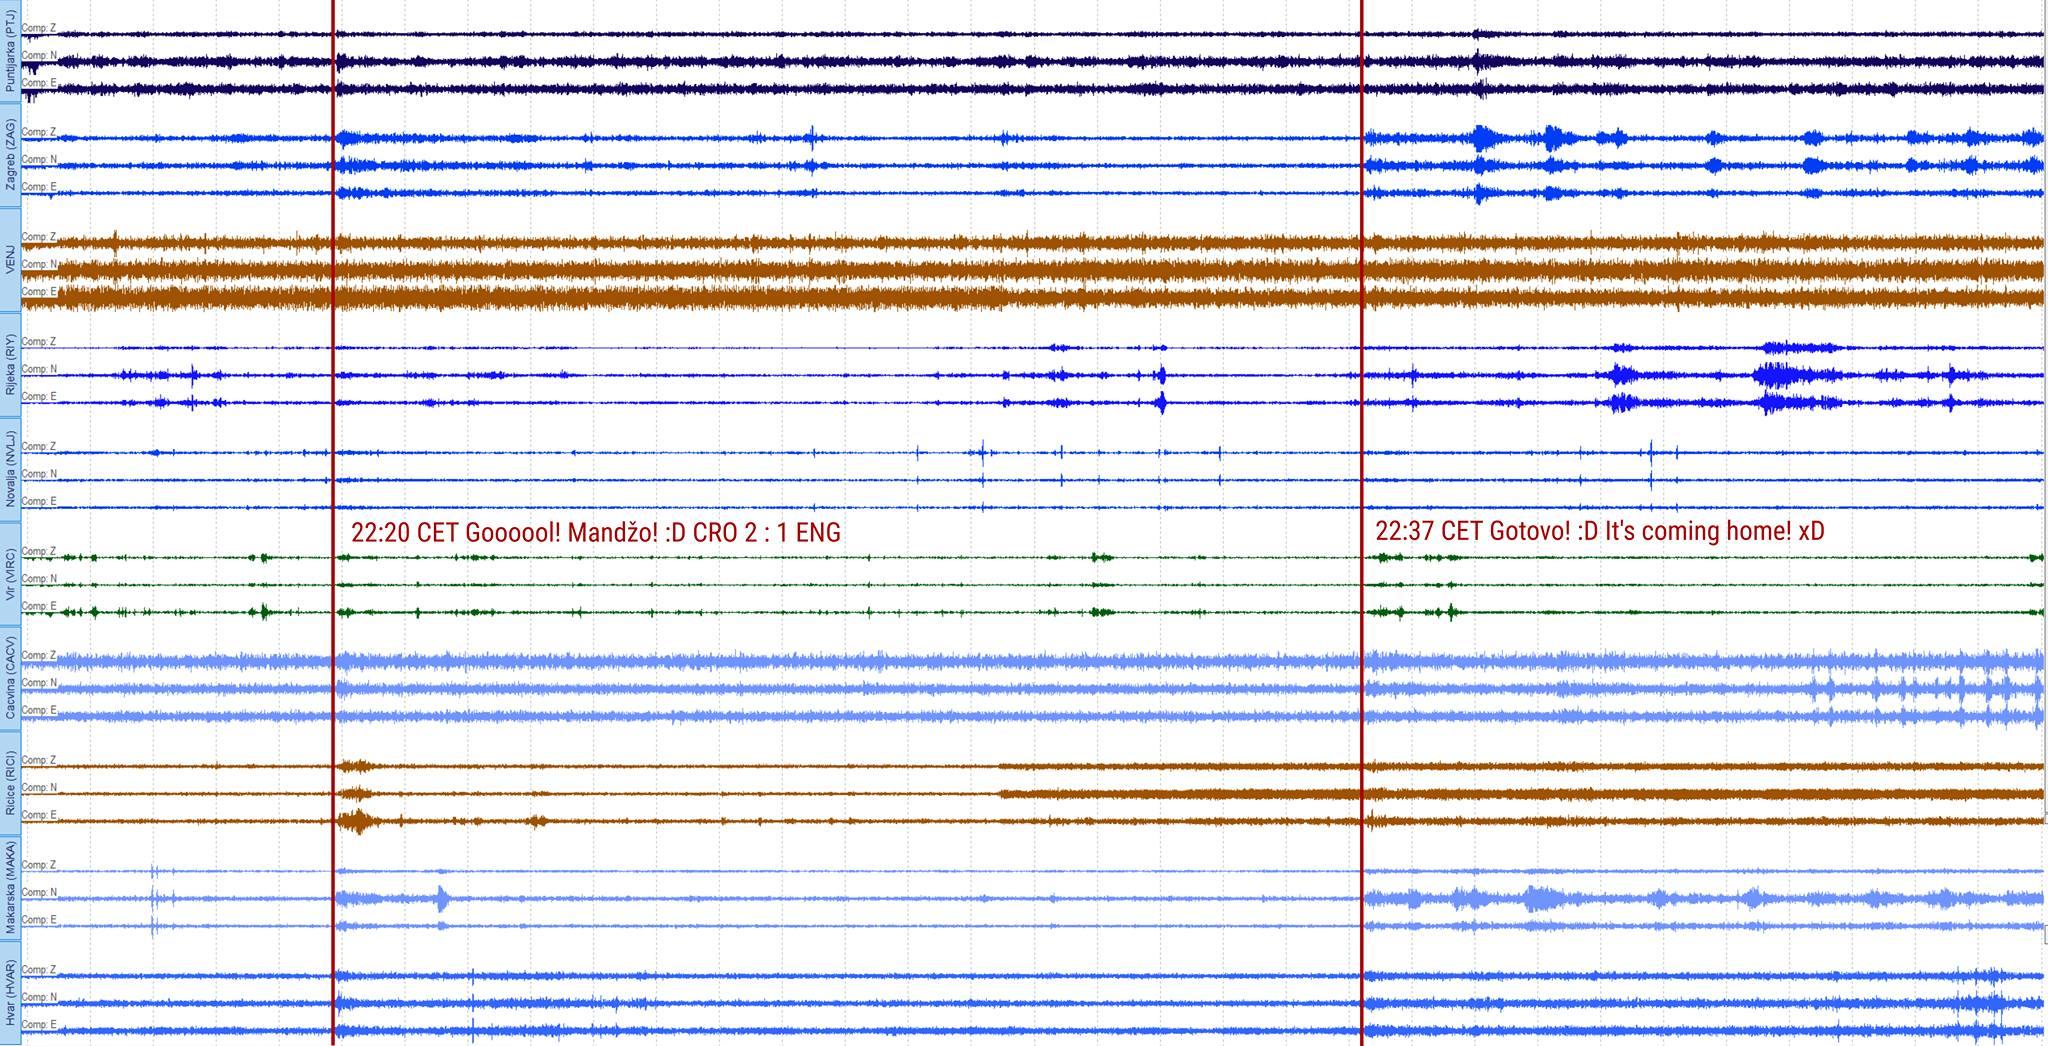 Mandžin gol uzrokovao potres u Hrvatskoj!